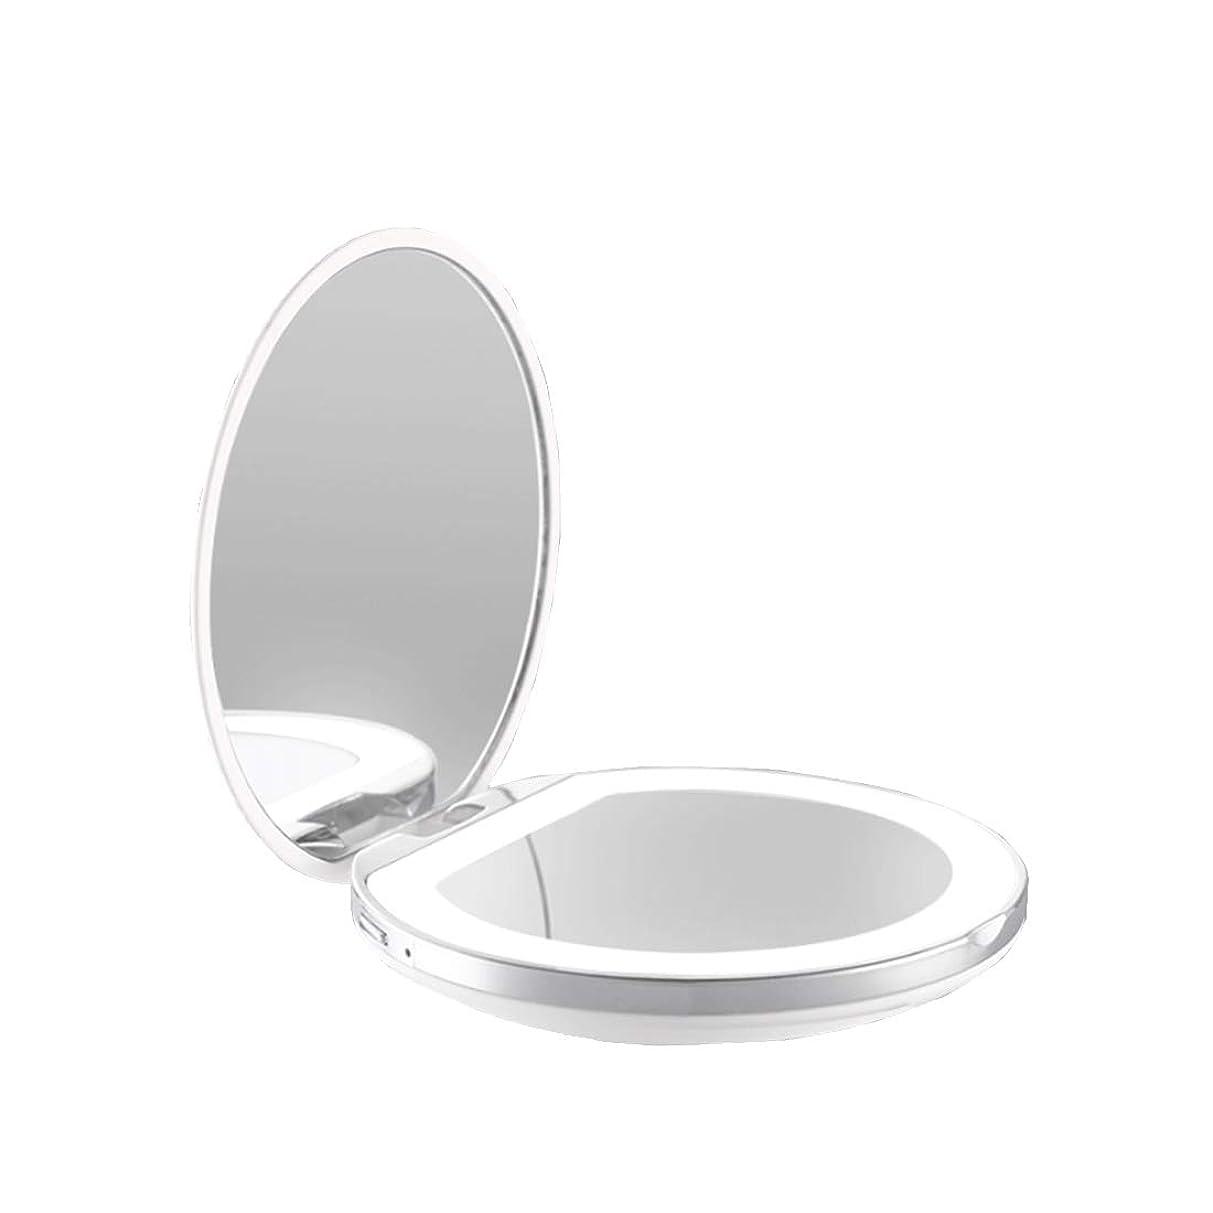 翻訳する修理可能試み手鏡 両面鏡 ライト付きミラー 女優ミラー 3倍拡大鏡付き お姫様 ミラー おしゃれ 卓上 LEDライト 化粧鏡 コンパクト 折り畳み式 スタンドミラー 角度調整